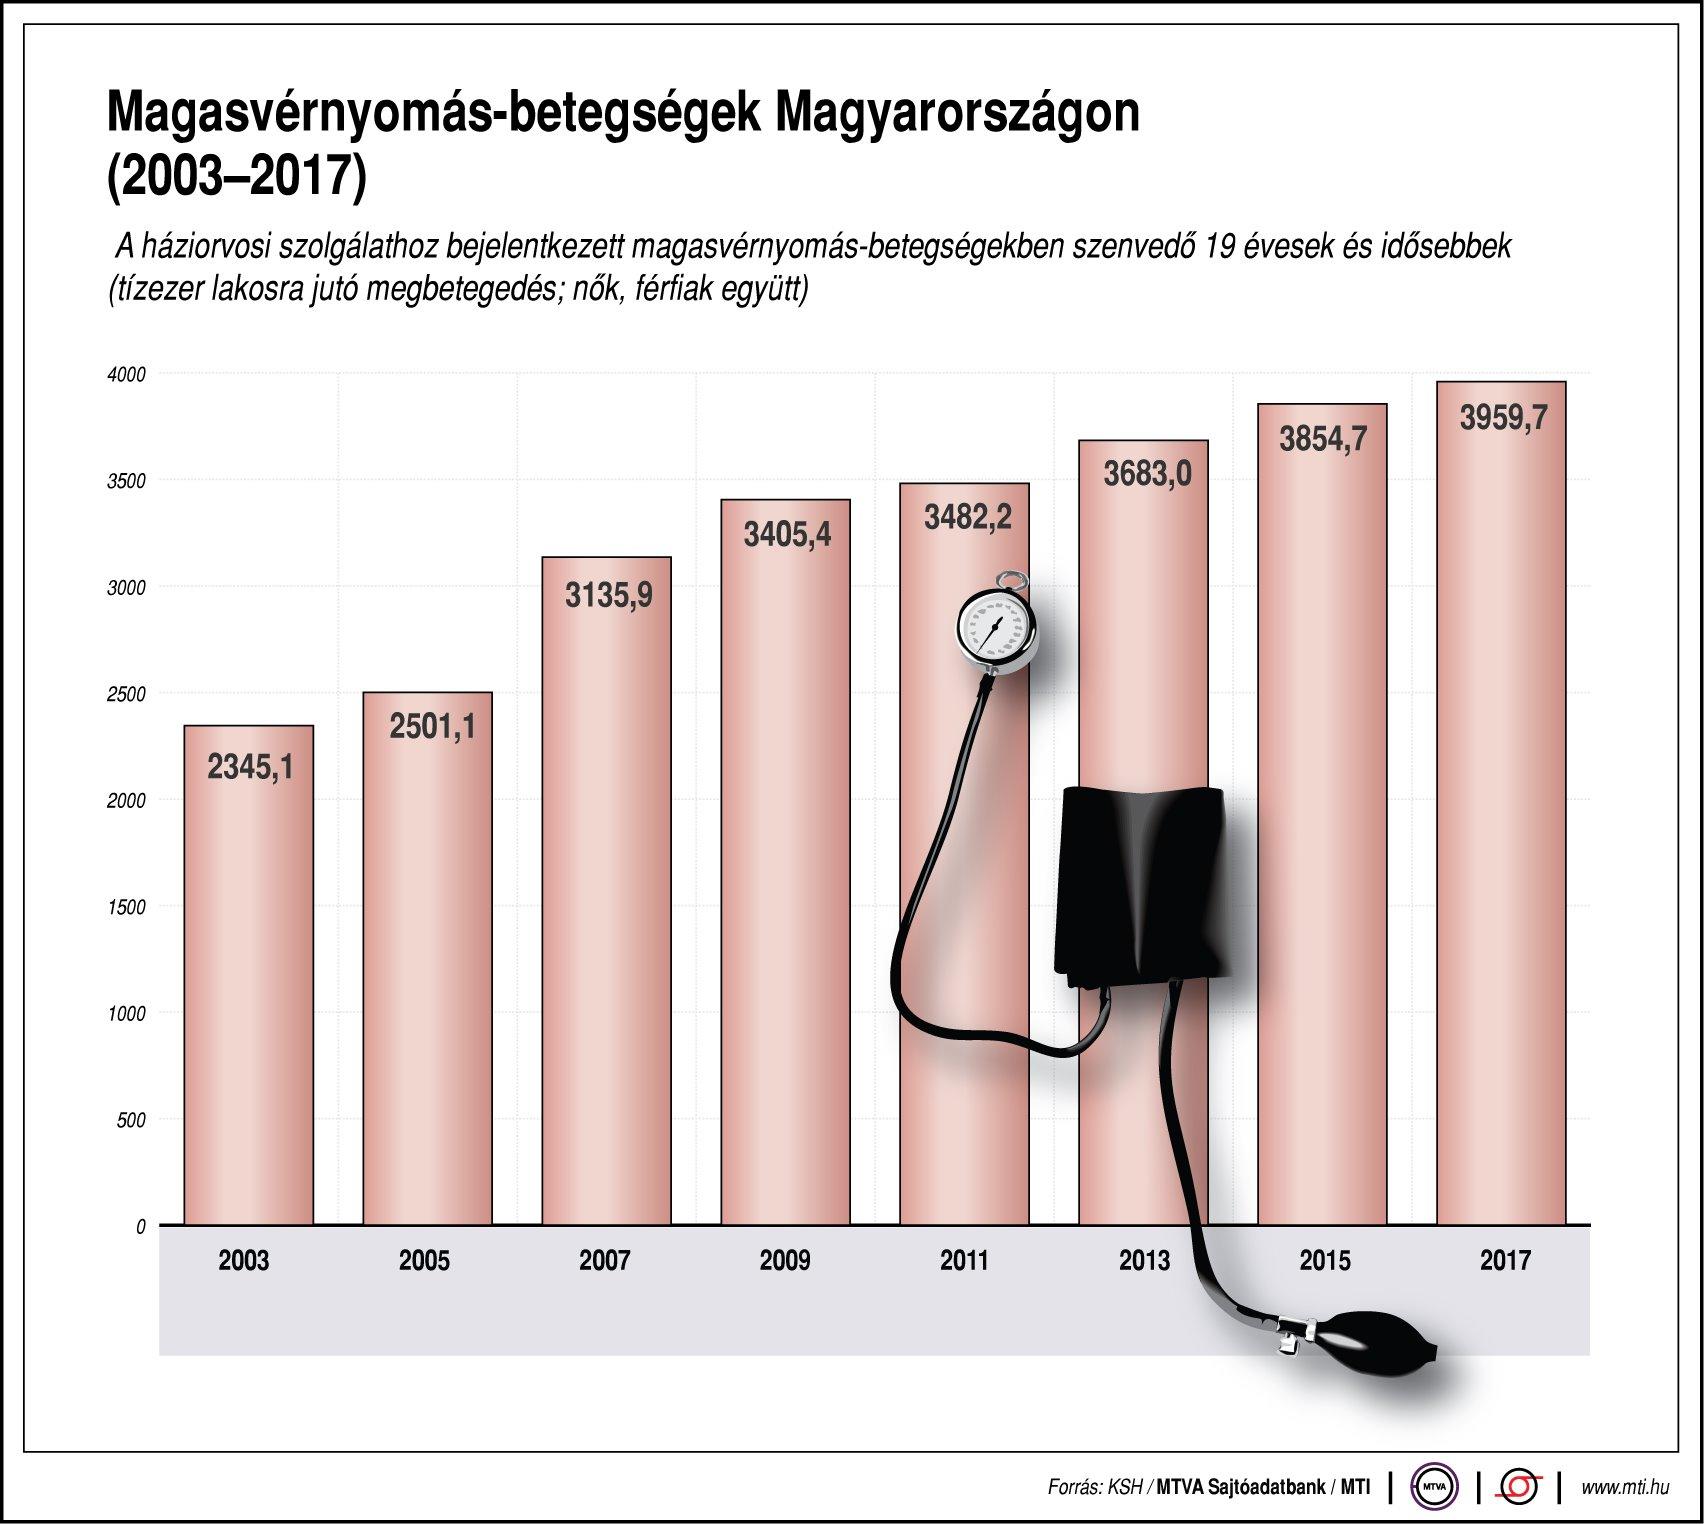 magas vérnyomás stressz betegség)